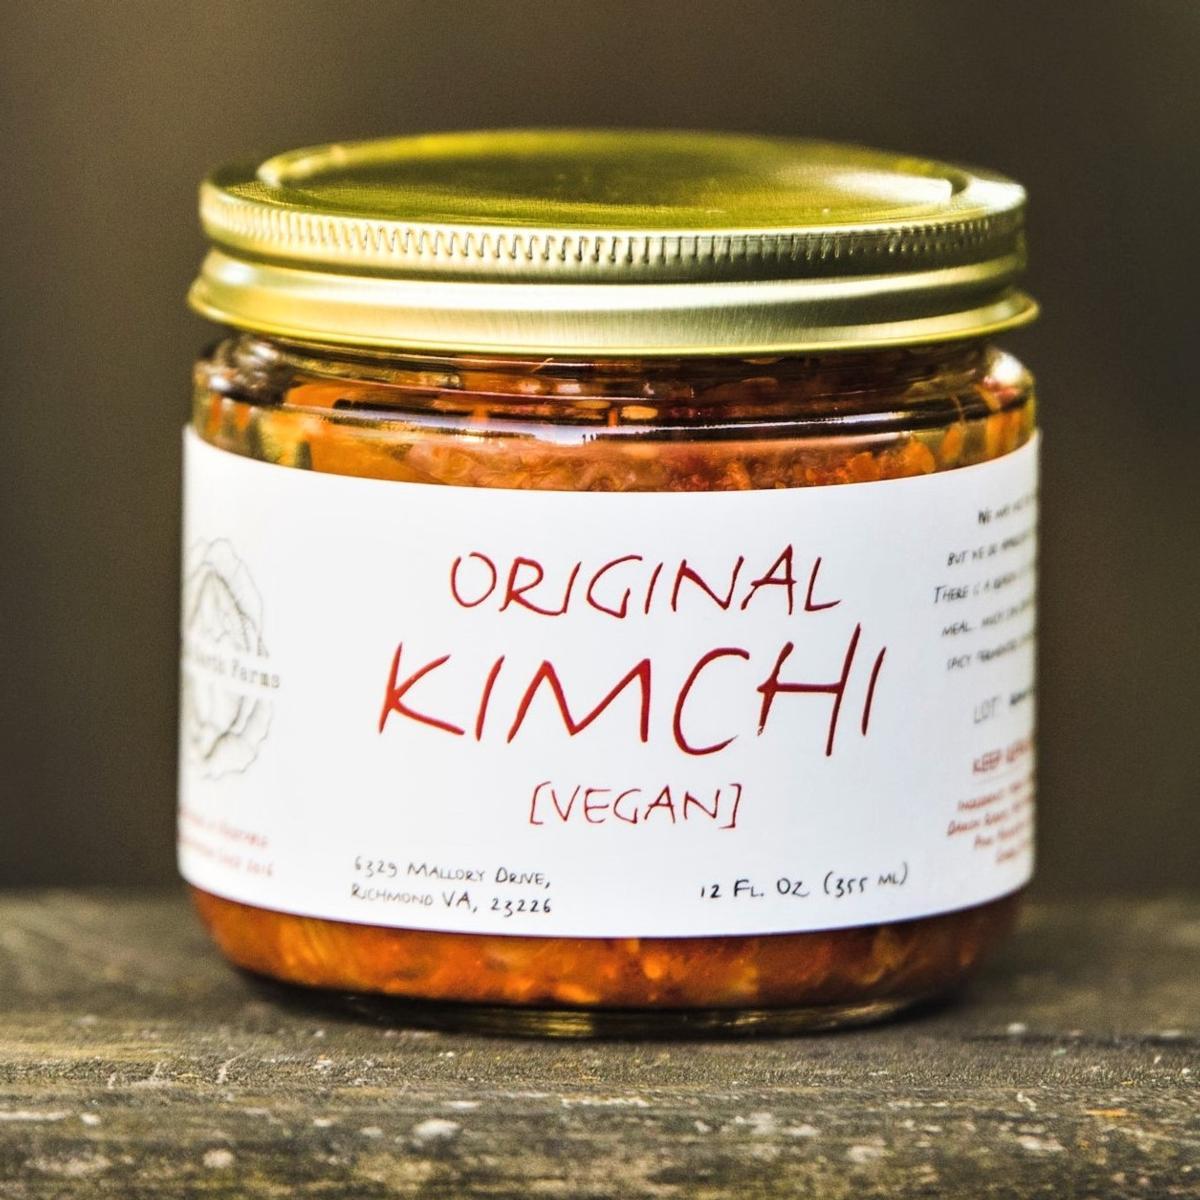 Kimchi: Original